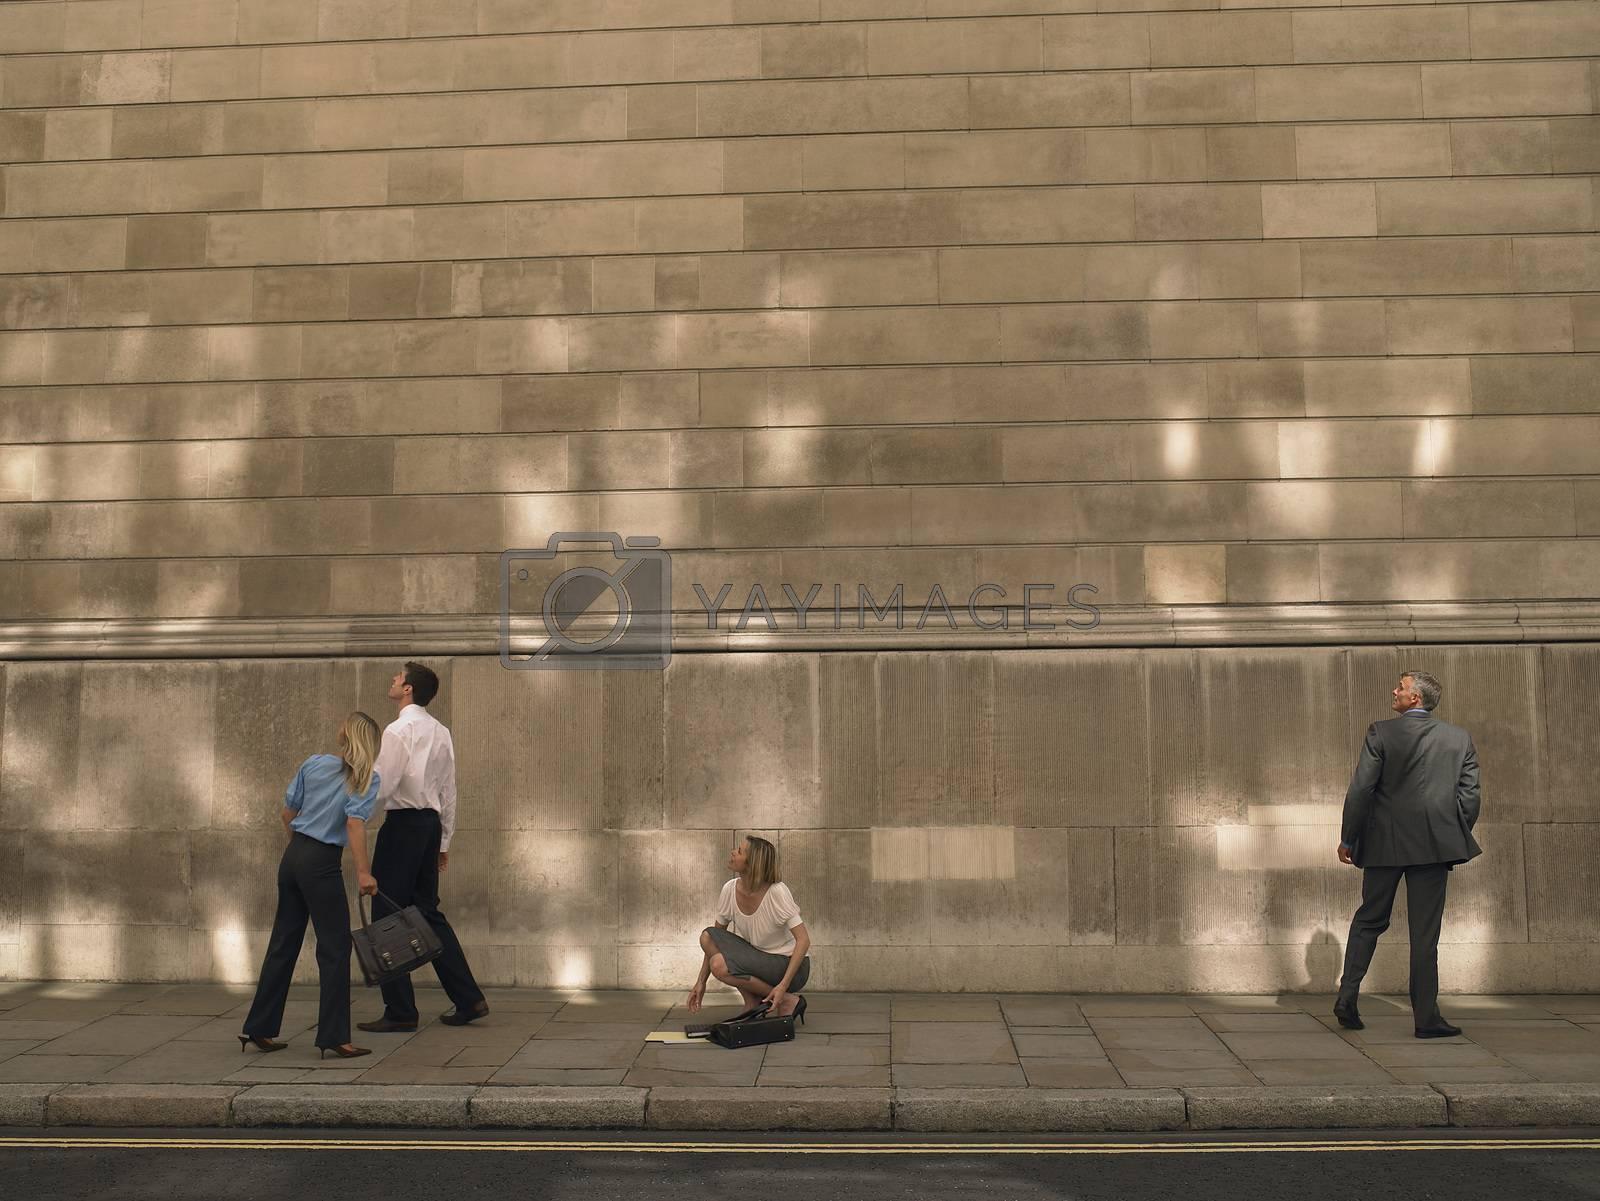 People on sidewalk looking up